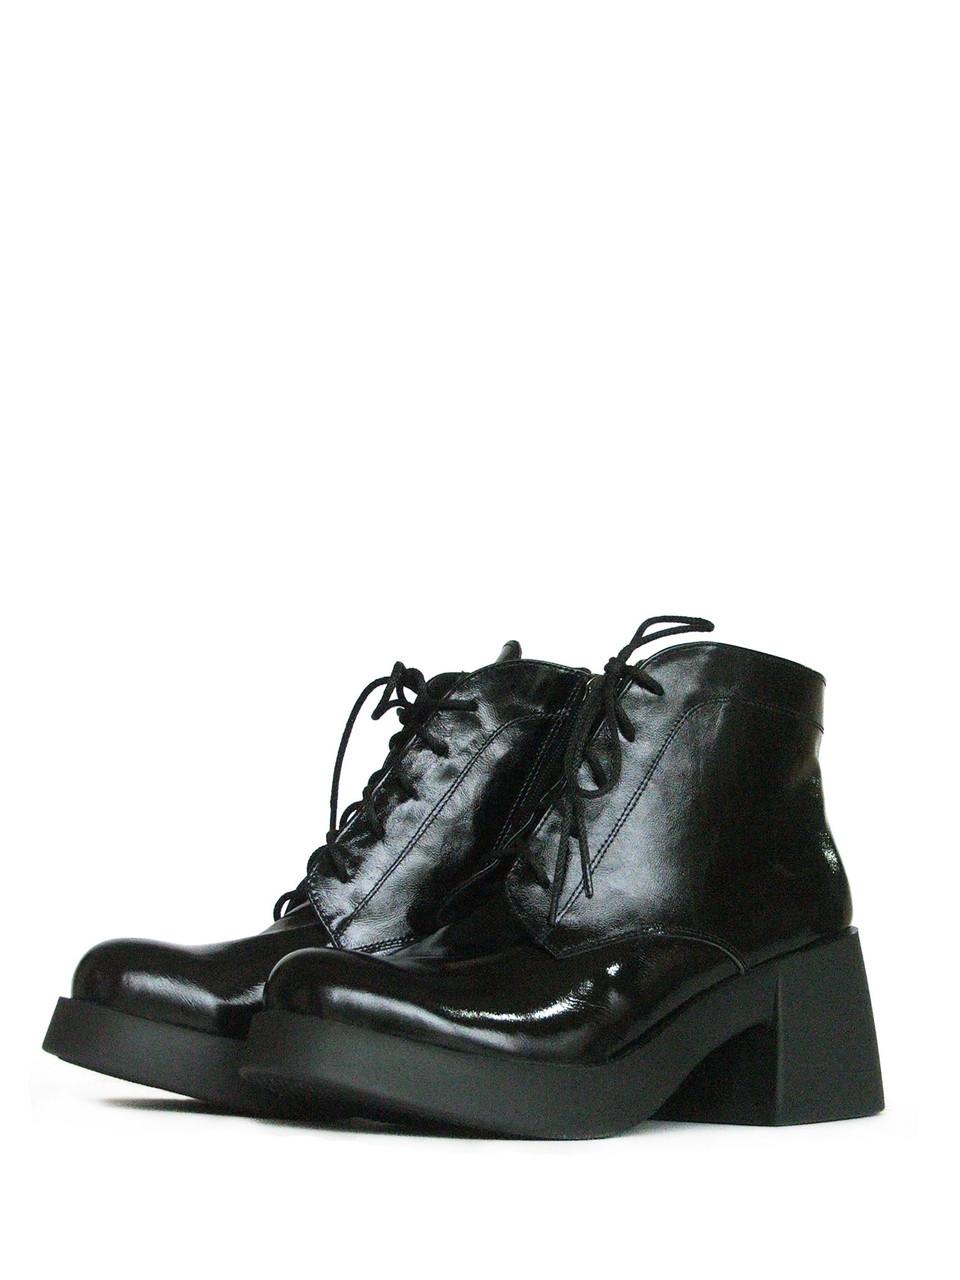 Лаковые кожаные ботинки на конусом каблуке